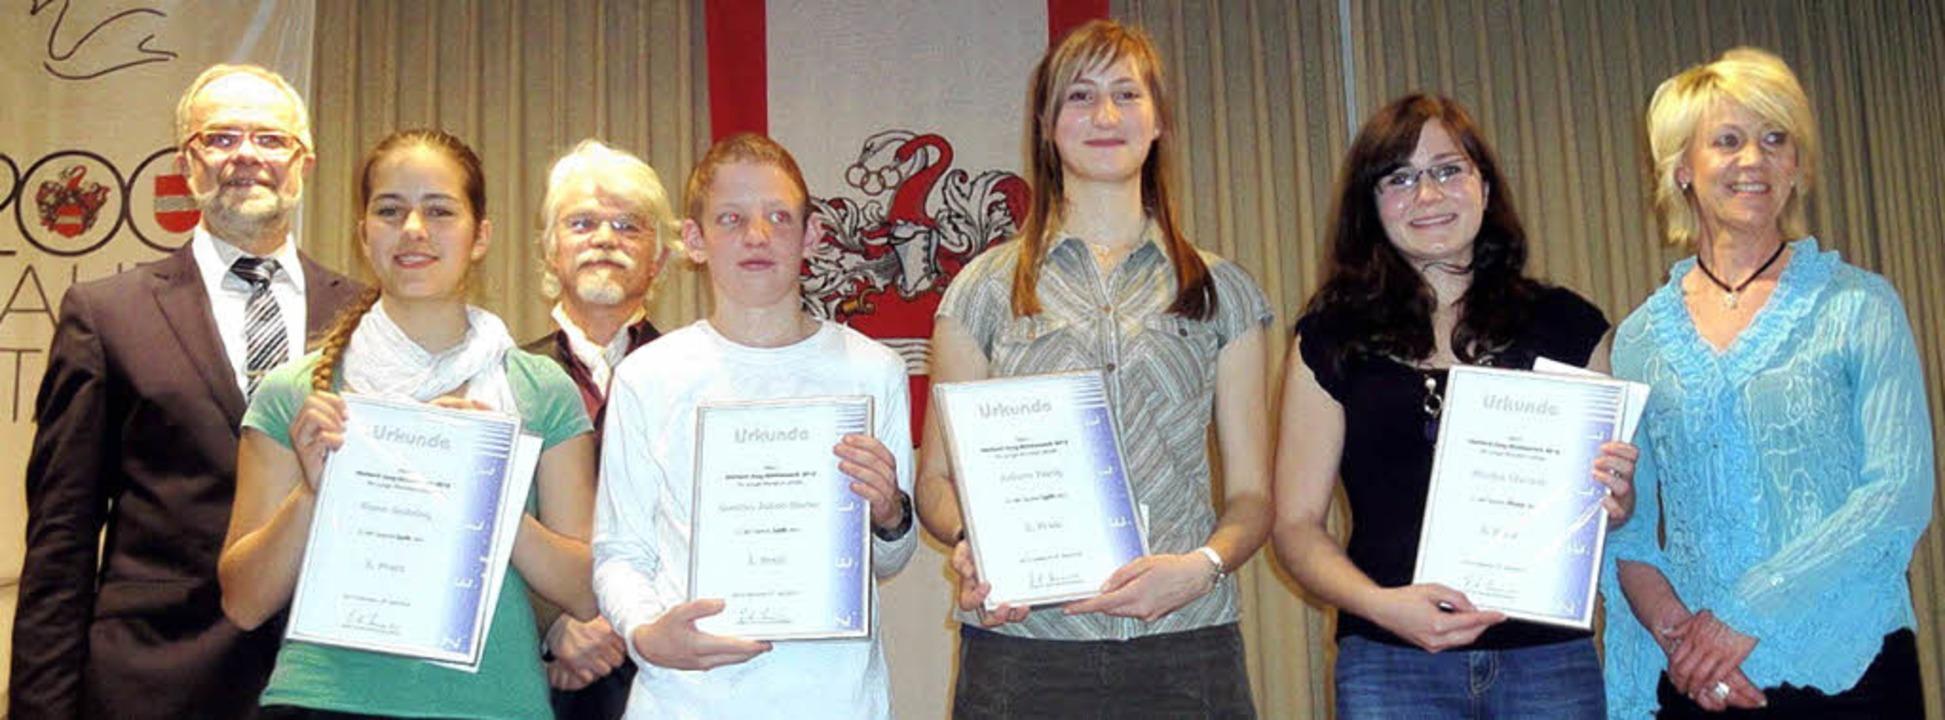 Da sind sie, die stolzen Preisträger u... Rombach aus Leiselheim war abwesend.   | Foto: Silke Hartenstein